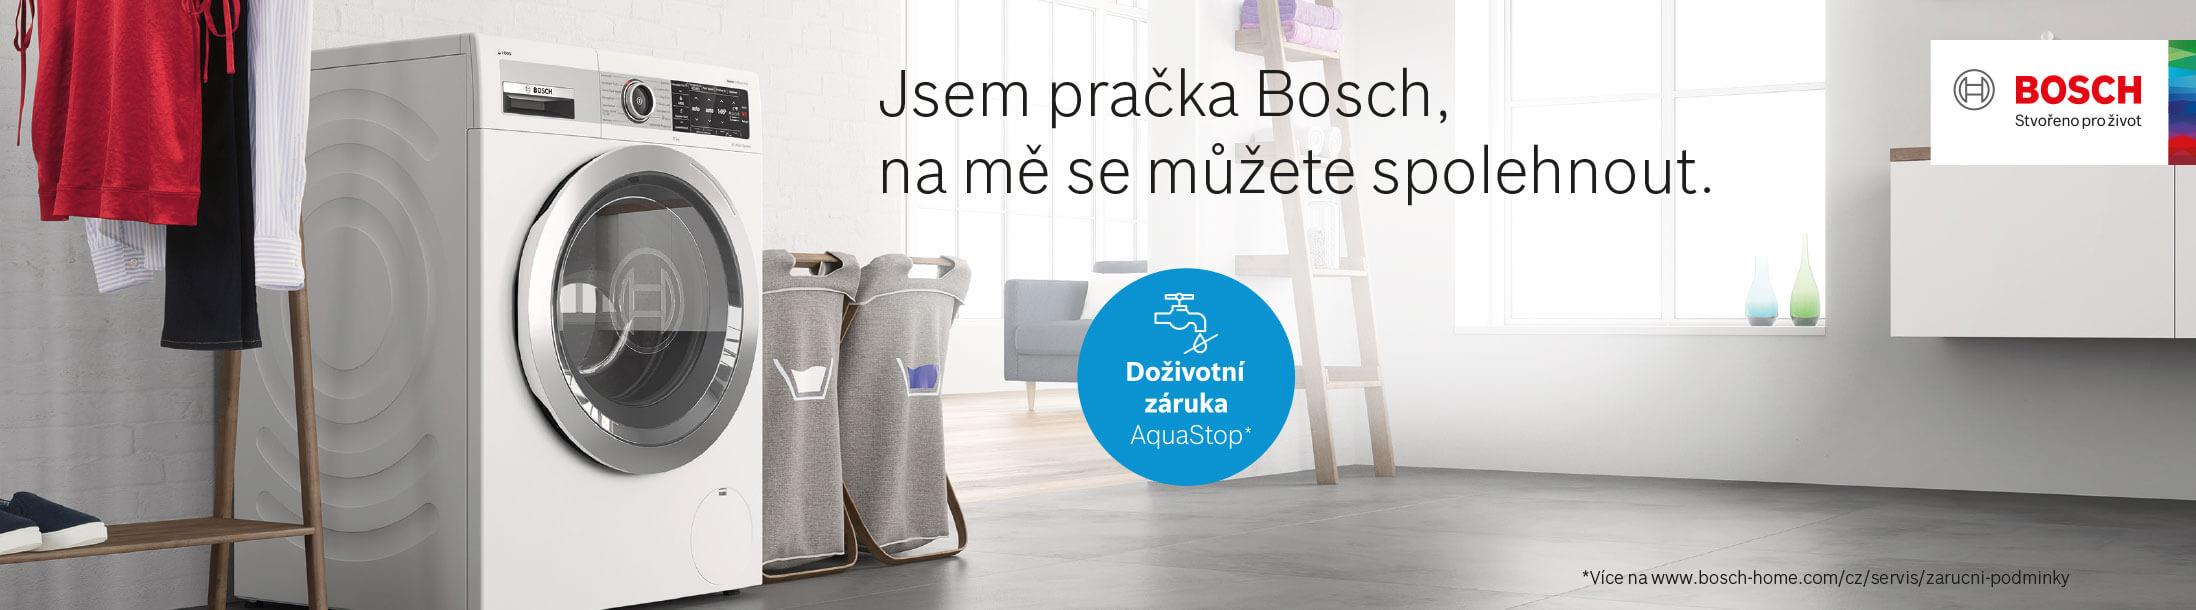 Bosch pračky - Doživotní záruka na AquaStop